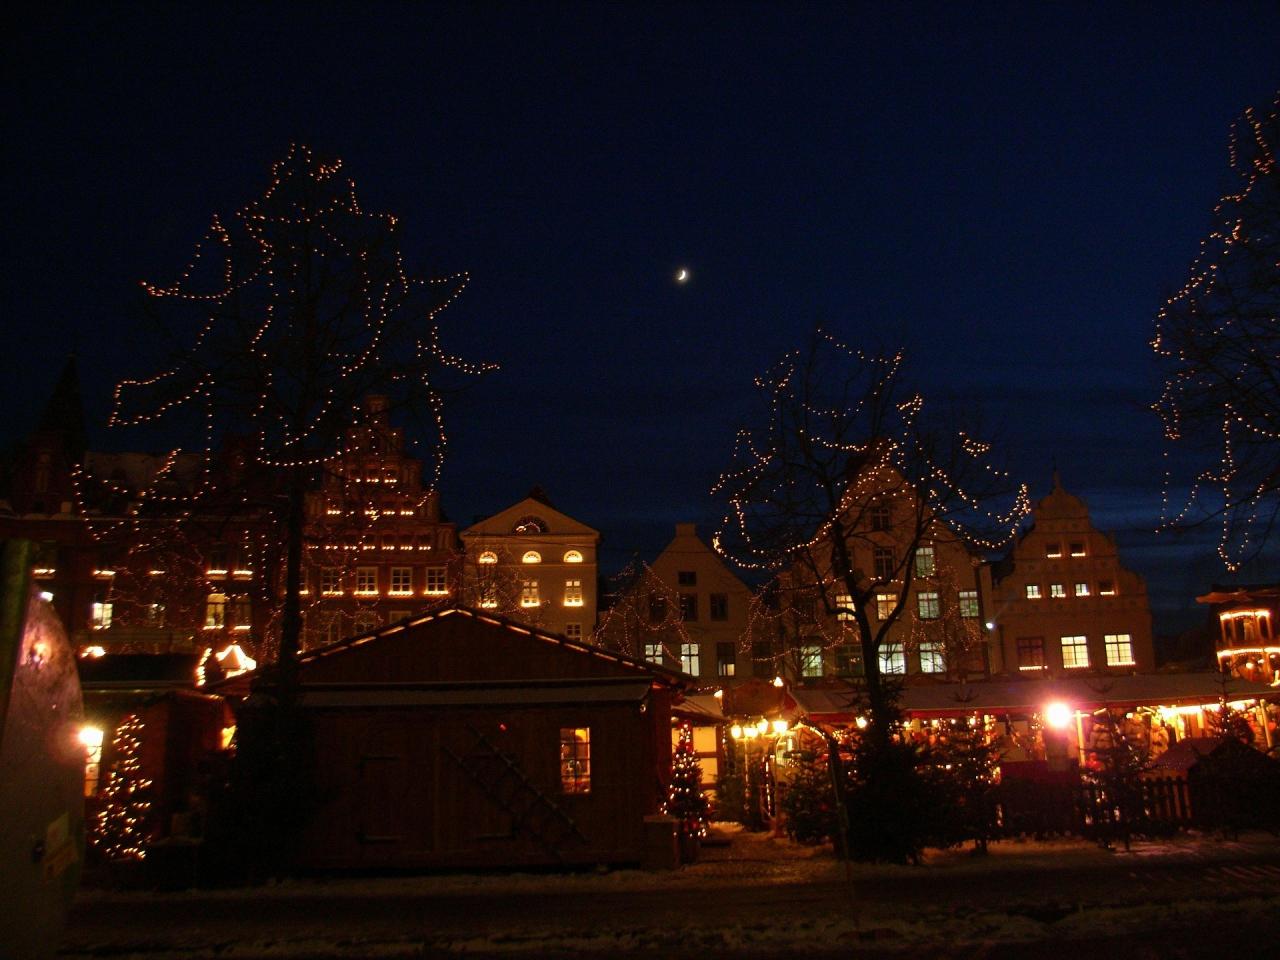 Weihnachtsmarkt Bad Iburg.Einer Der Schönsten Weihnachtsmärkte Im Norden